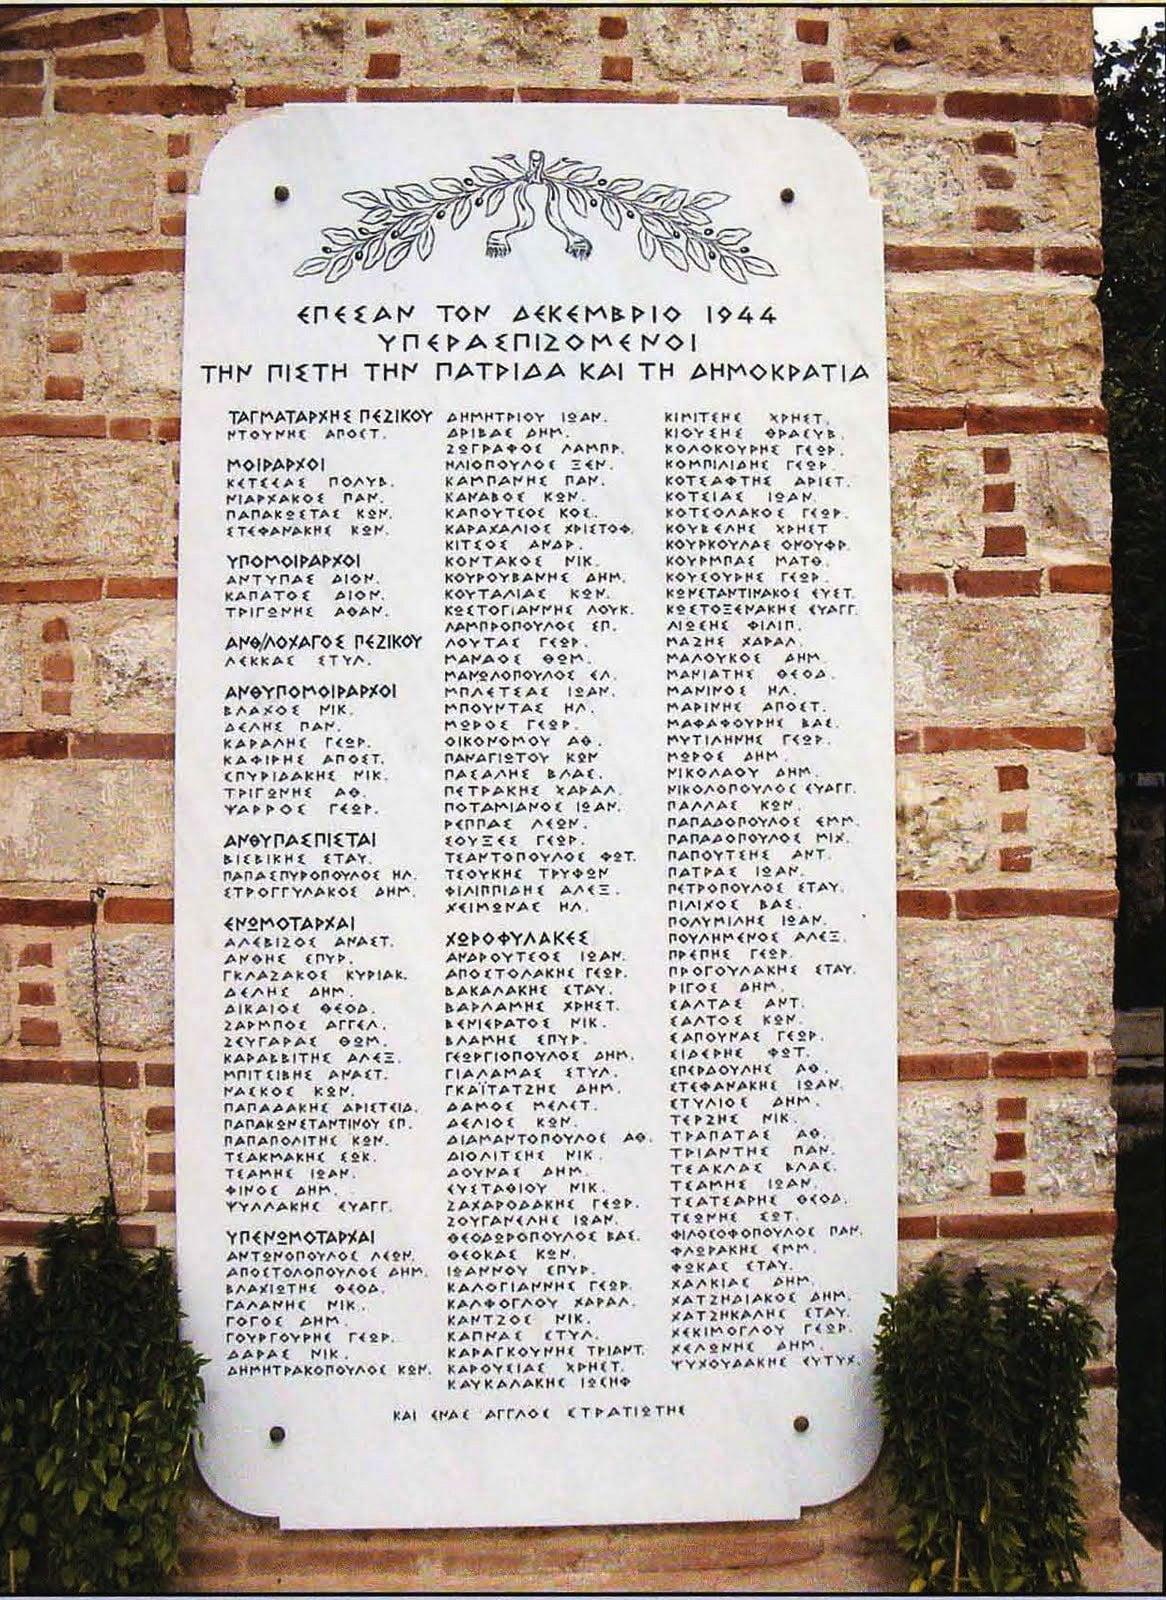 Σύνταγμα Μακρυγιάννη – Δεκέμβριος 1944: Το οχυρό που δεν έπεσε